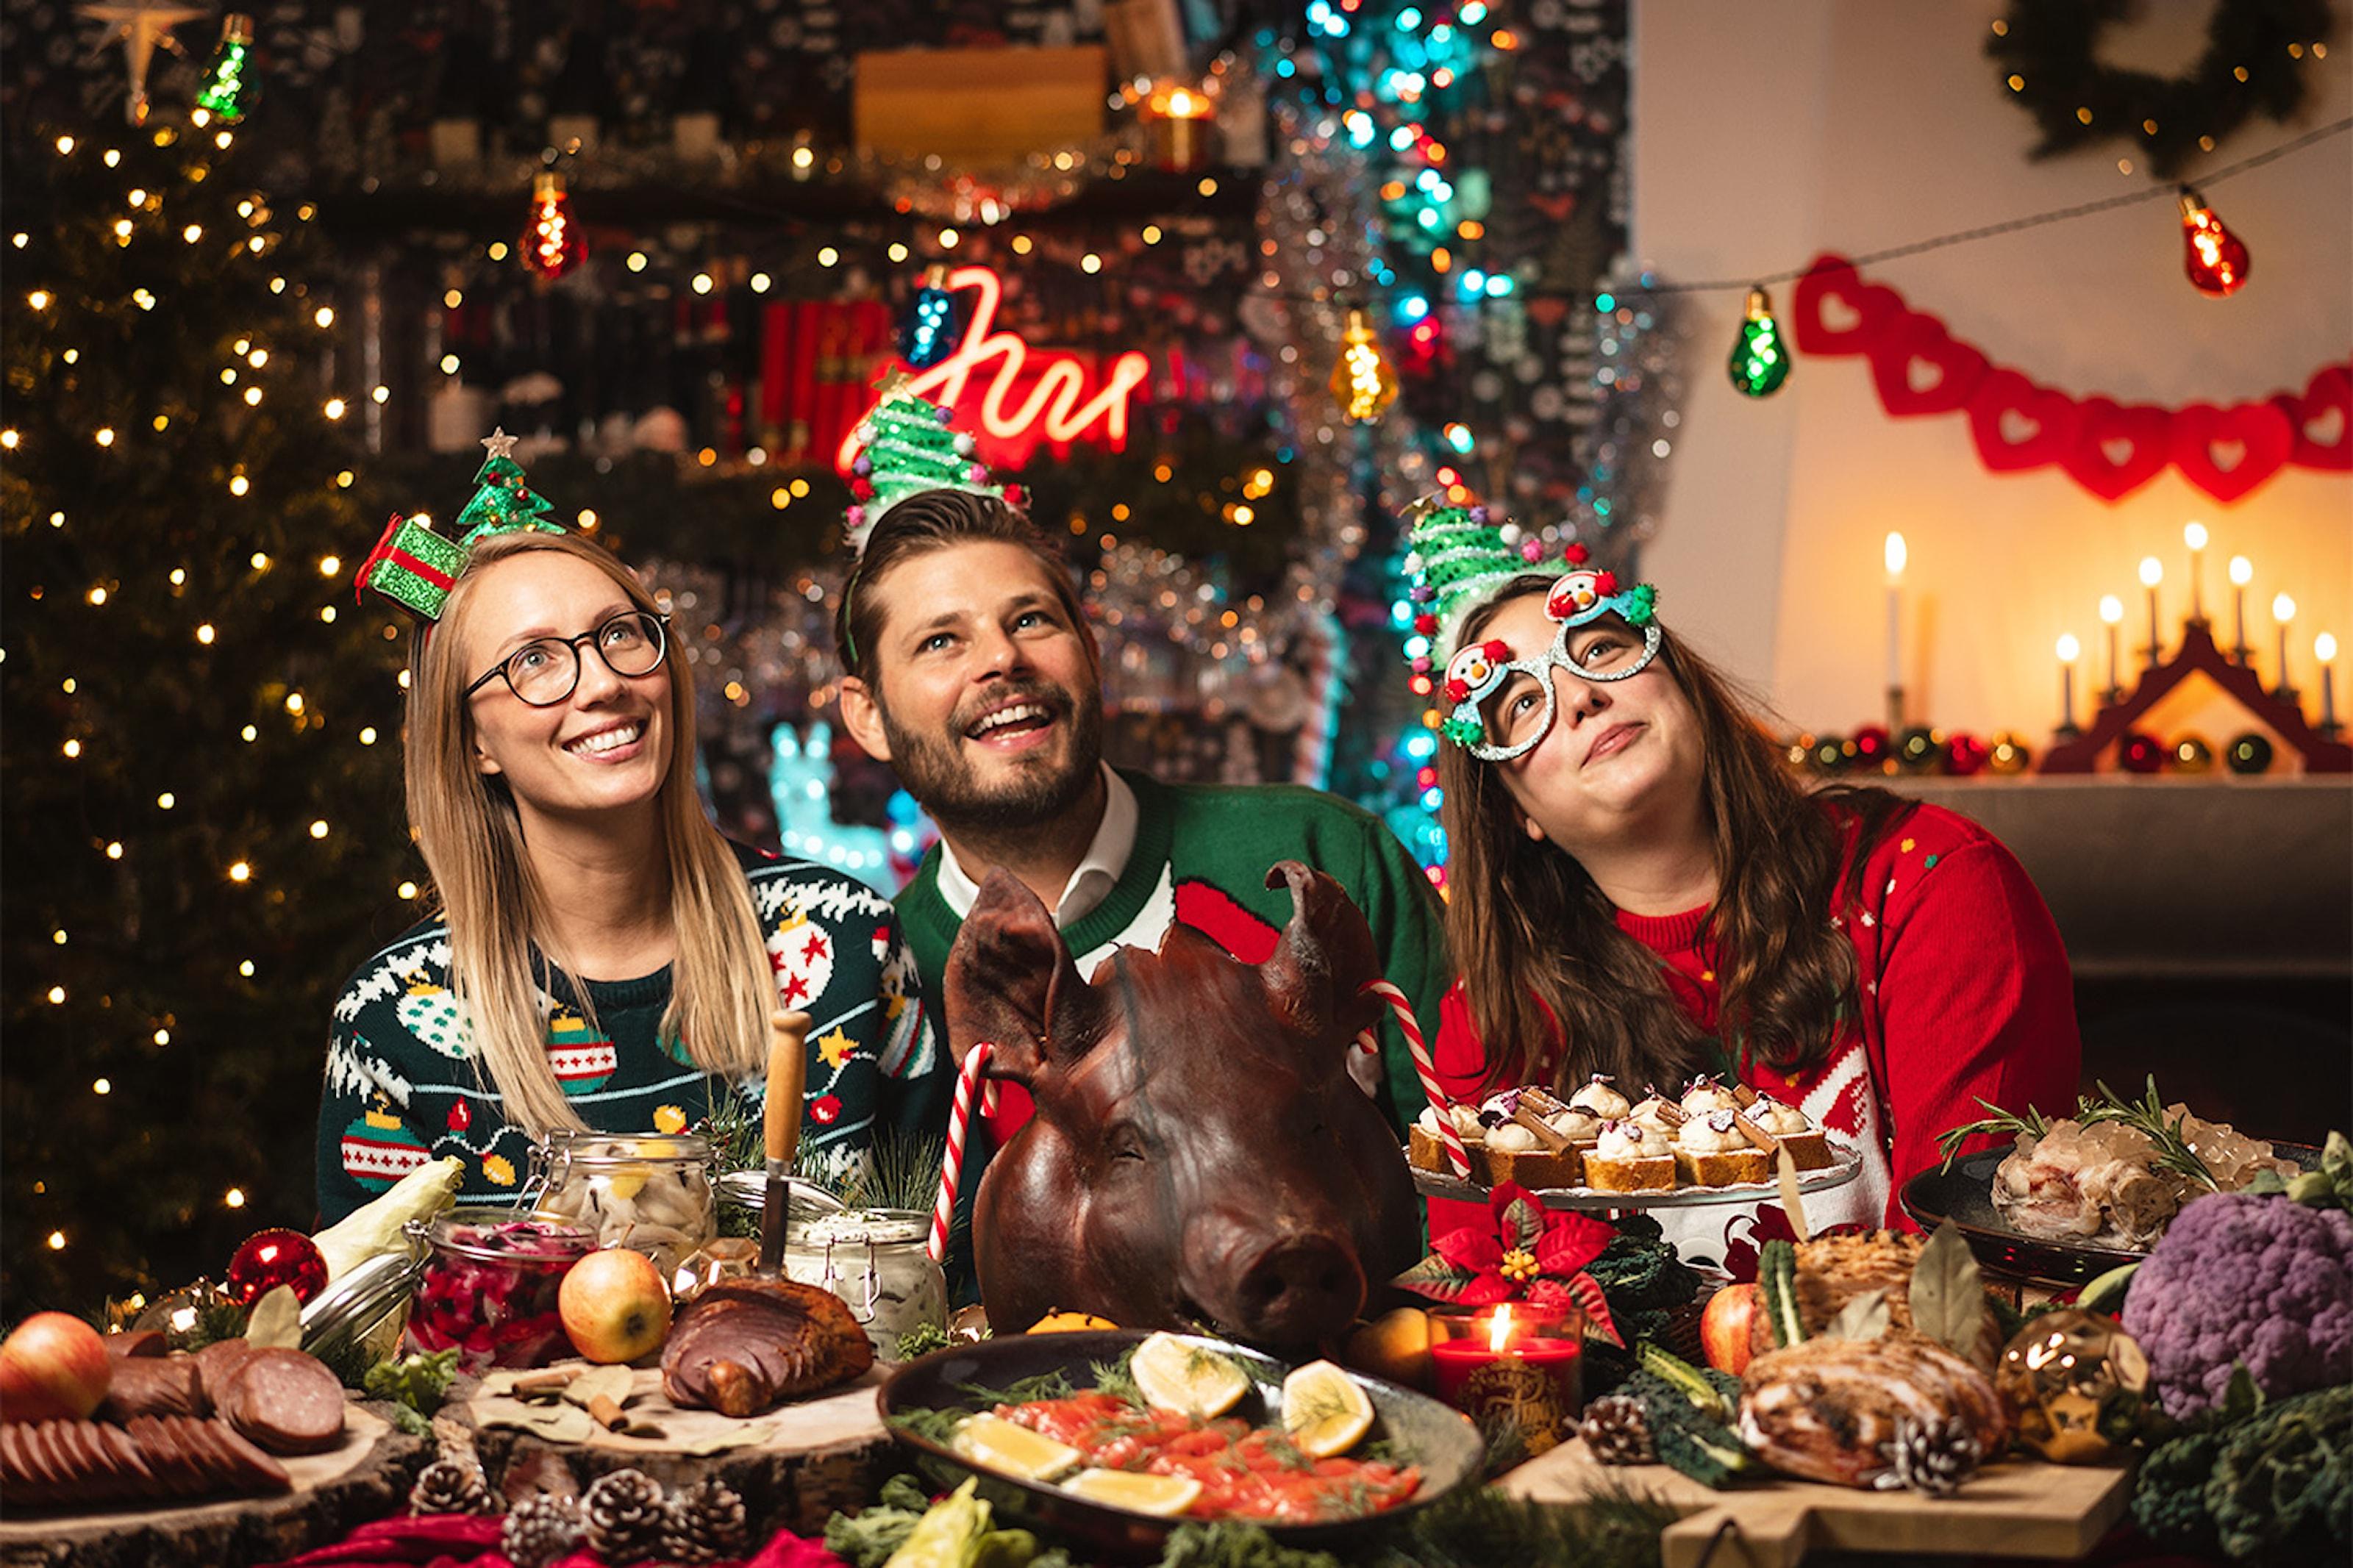 Julbord på Djurgårdsbrunn